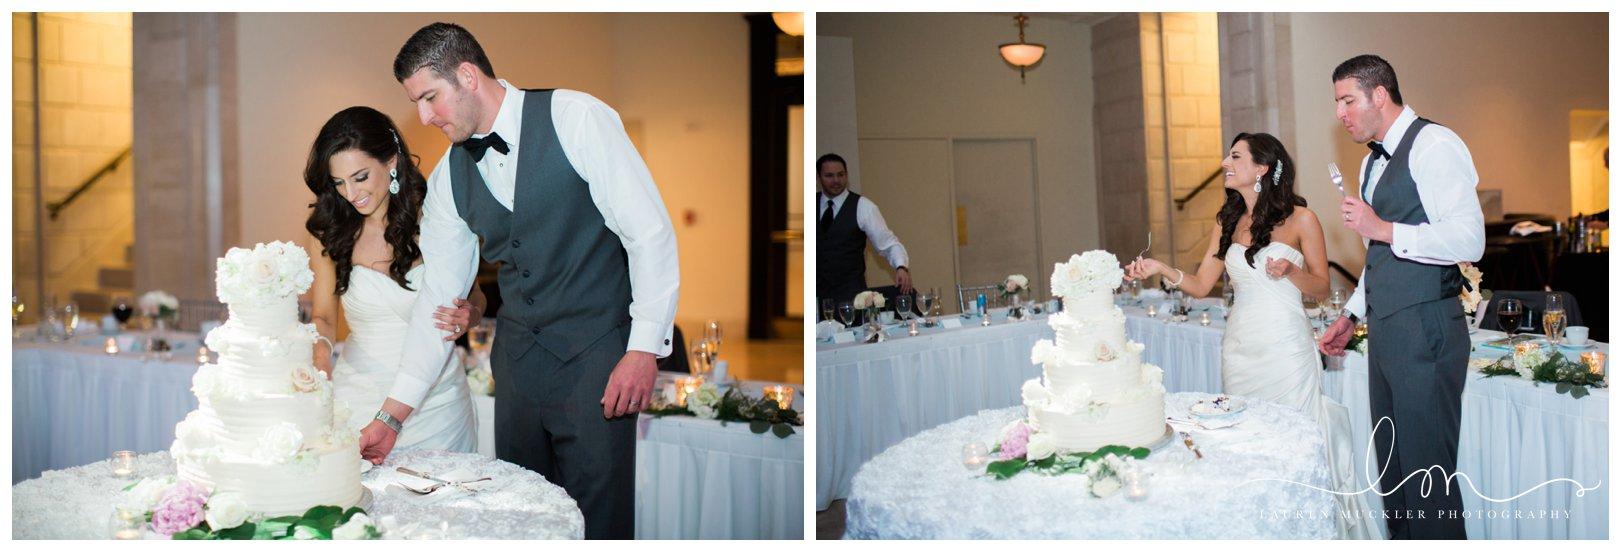 lauren muckler photography_fine art film wedding photography_st louis_photography_0273.jpg